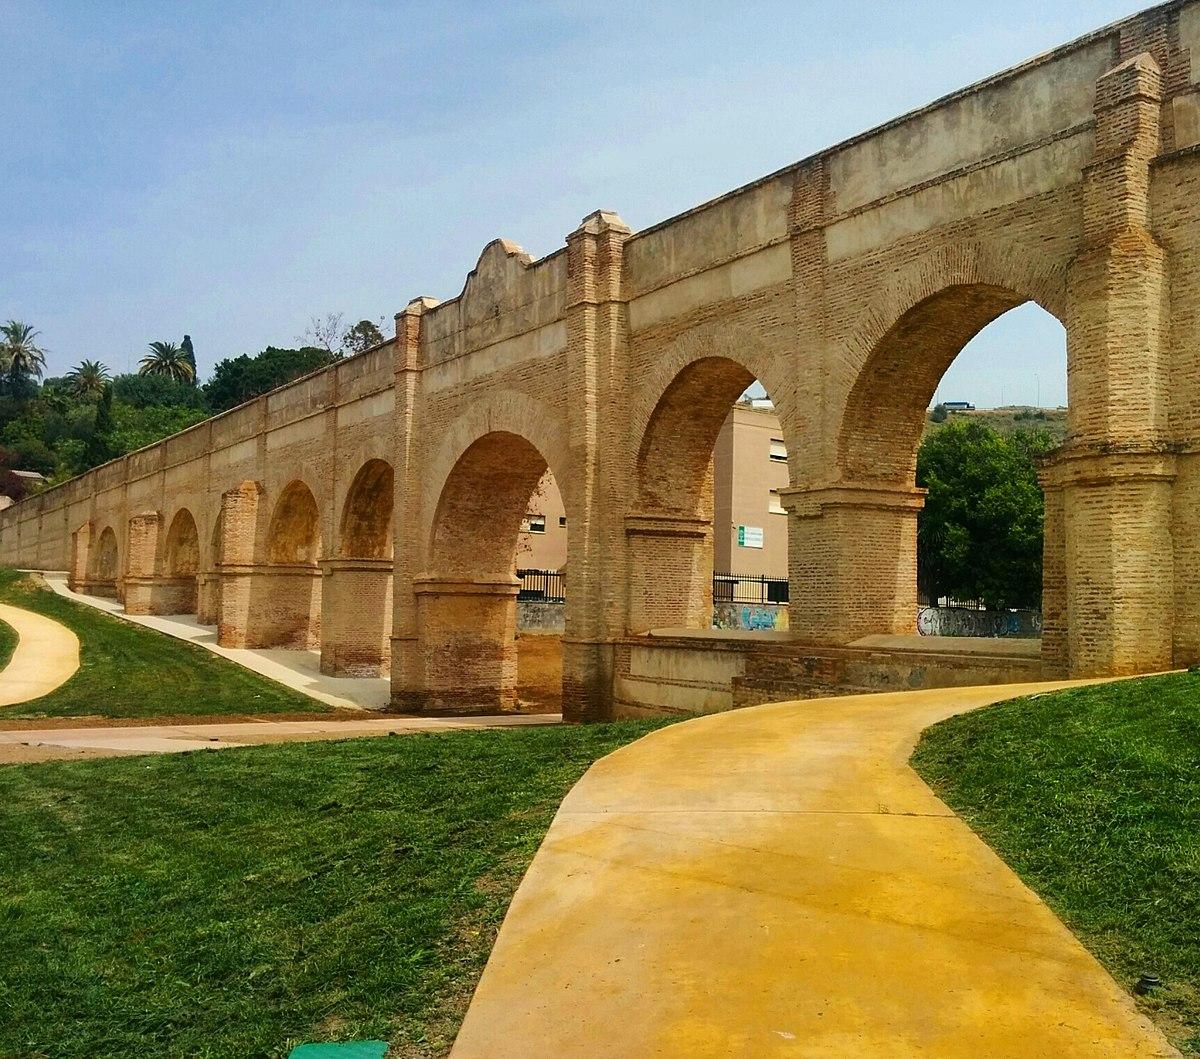 Acueducto de san telmo wikipedia la enciclopedia libre for Distrito ciudad jardin malaga